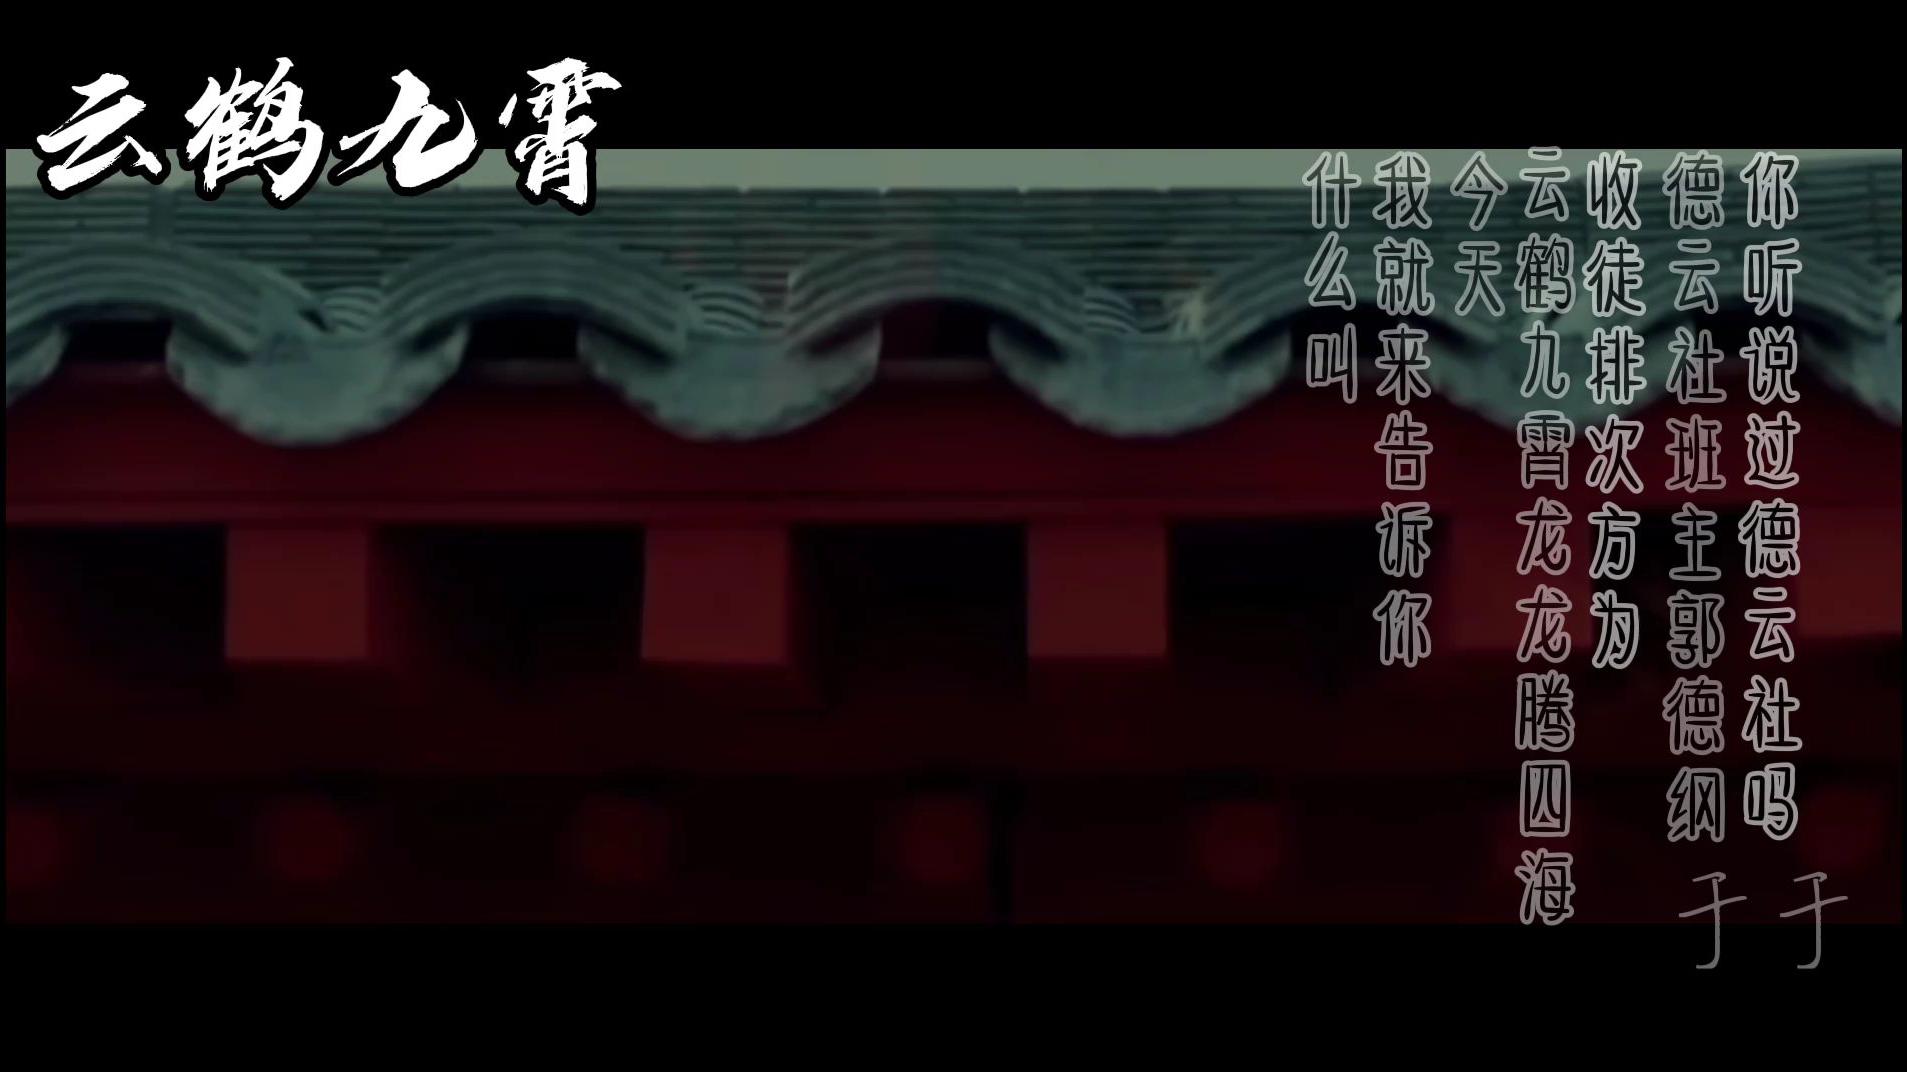 """【云鹤九霄2.0】【德云社群像】""""如鹿归林,如船靠岸"""""""